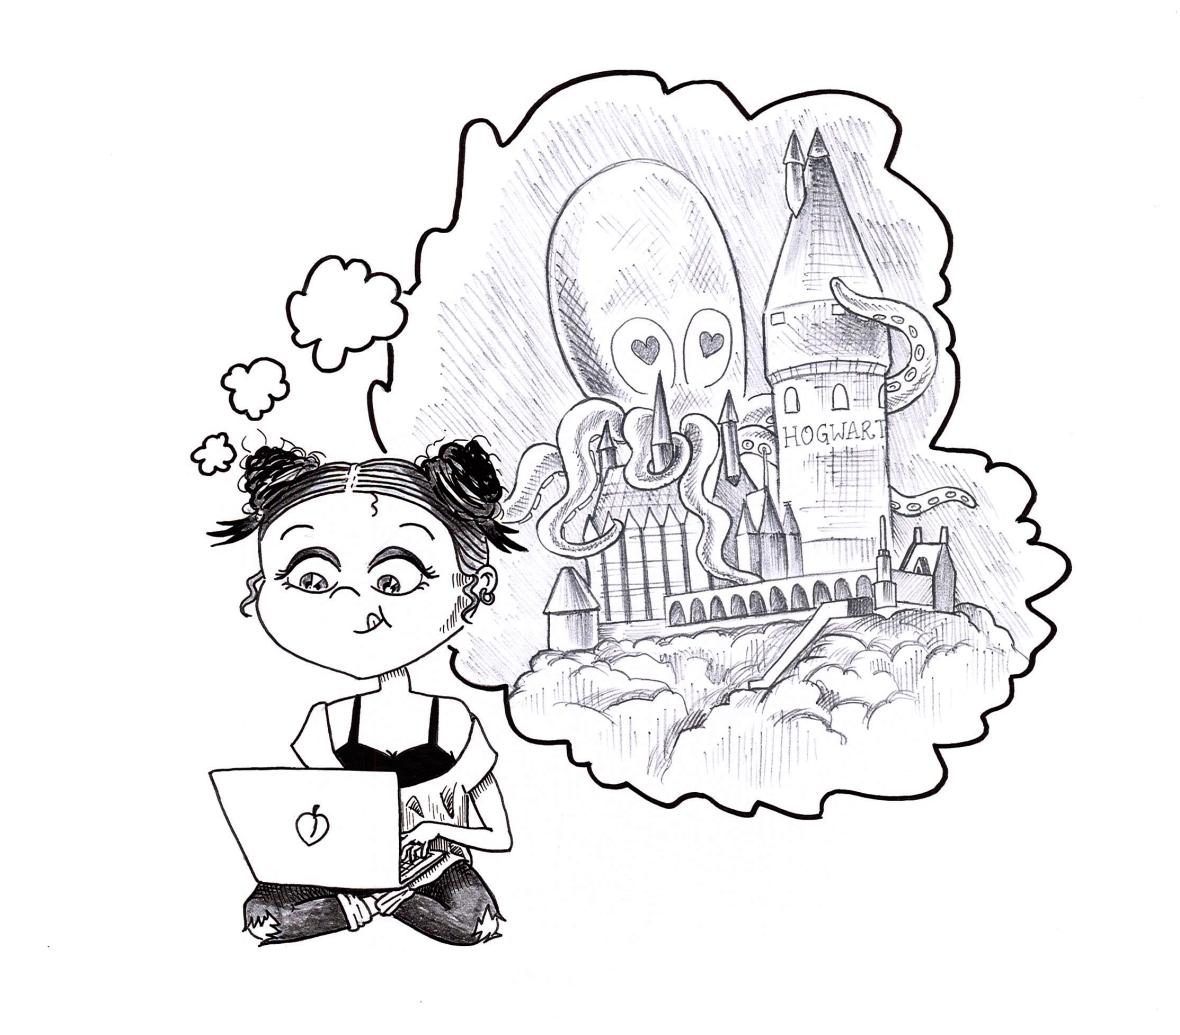 Stranger Than Fan Fiction Blog Illustration